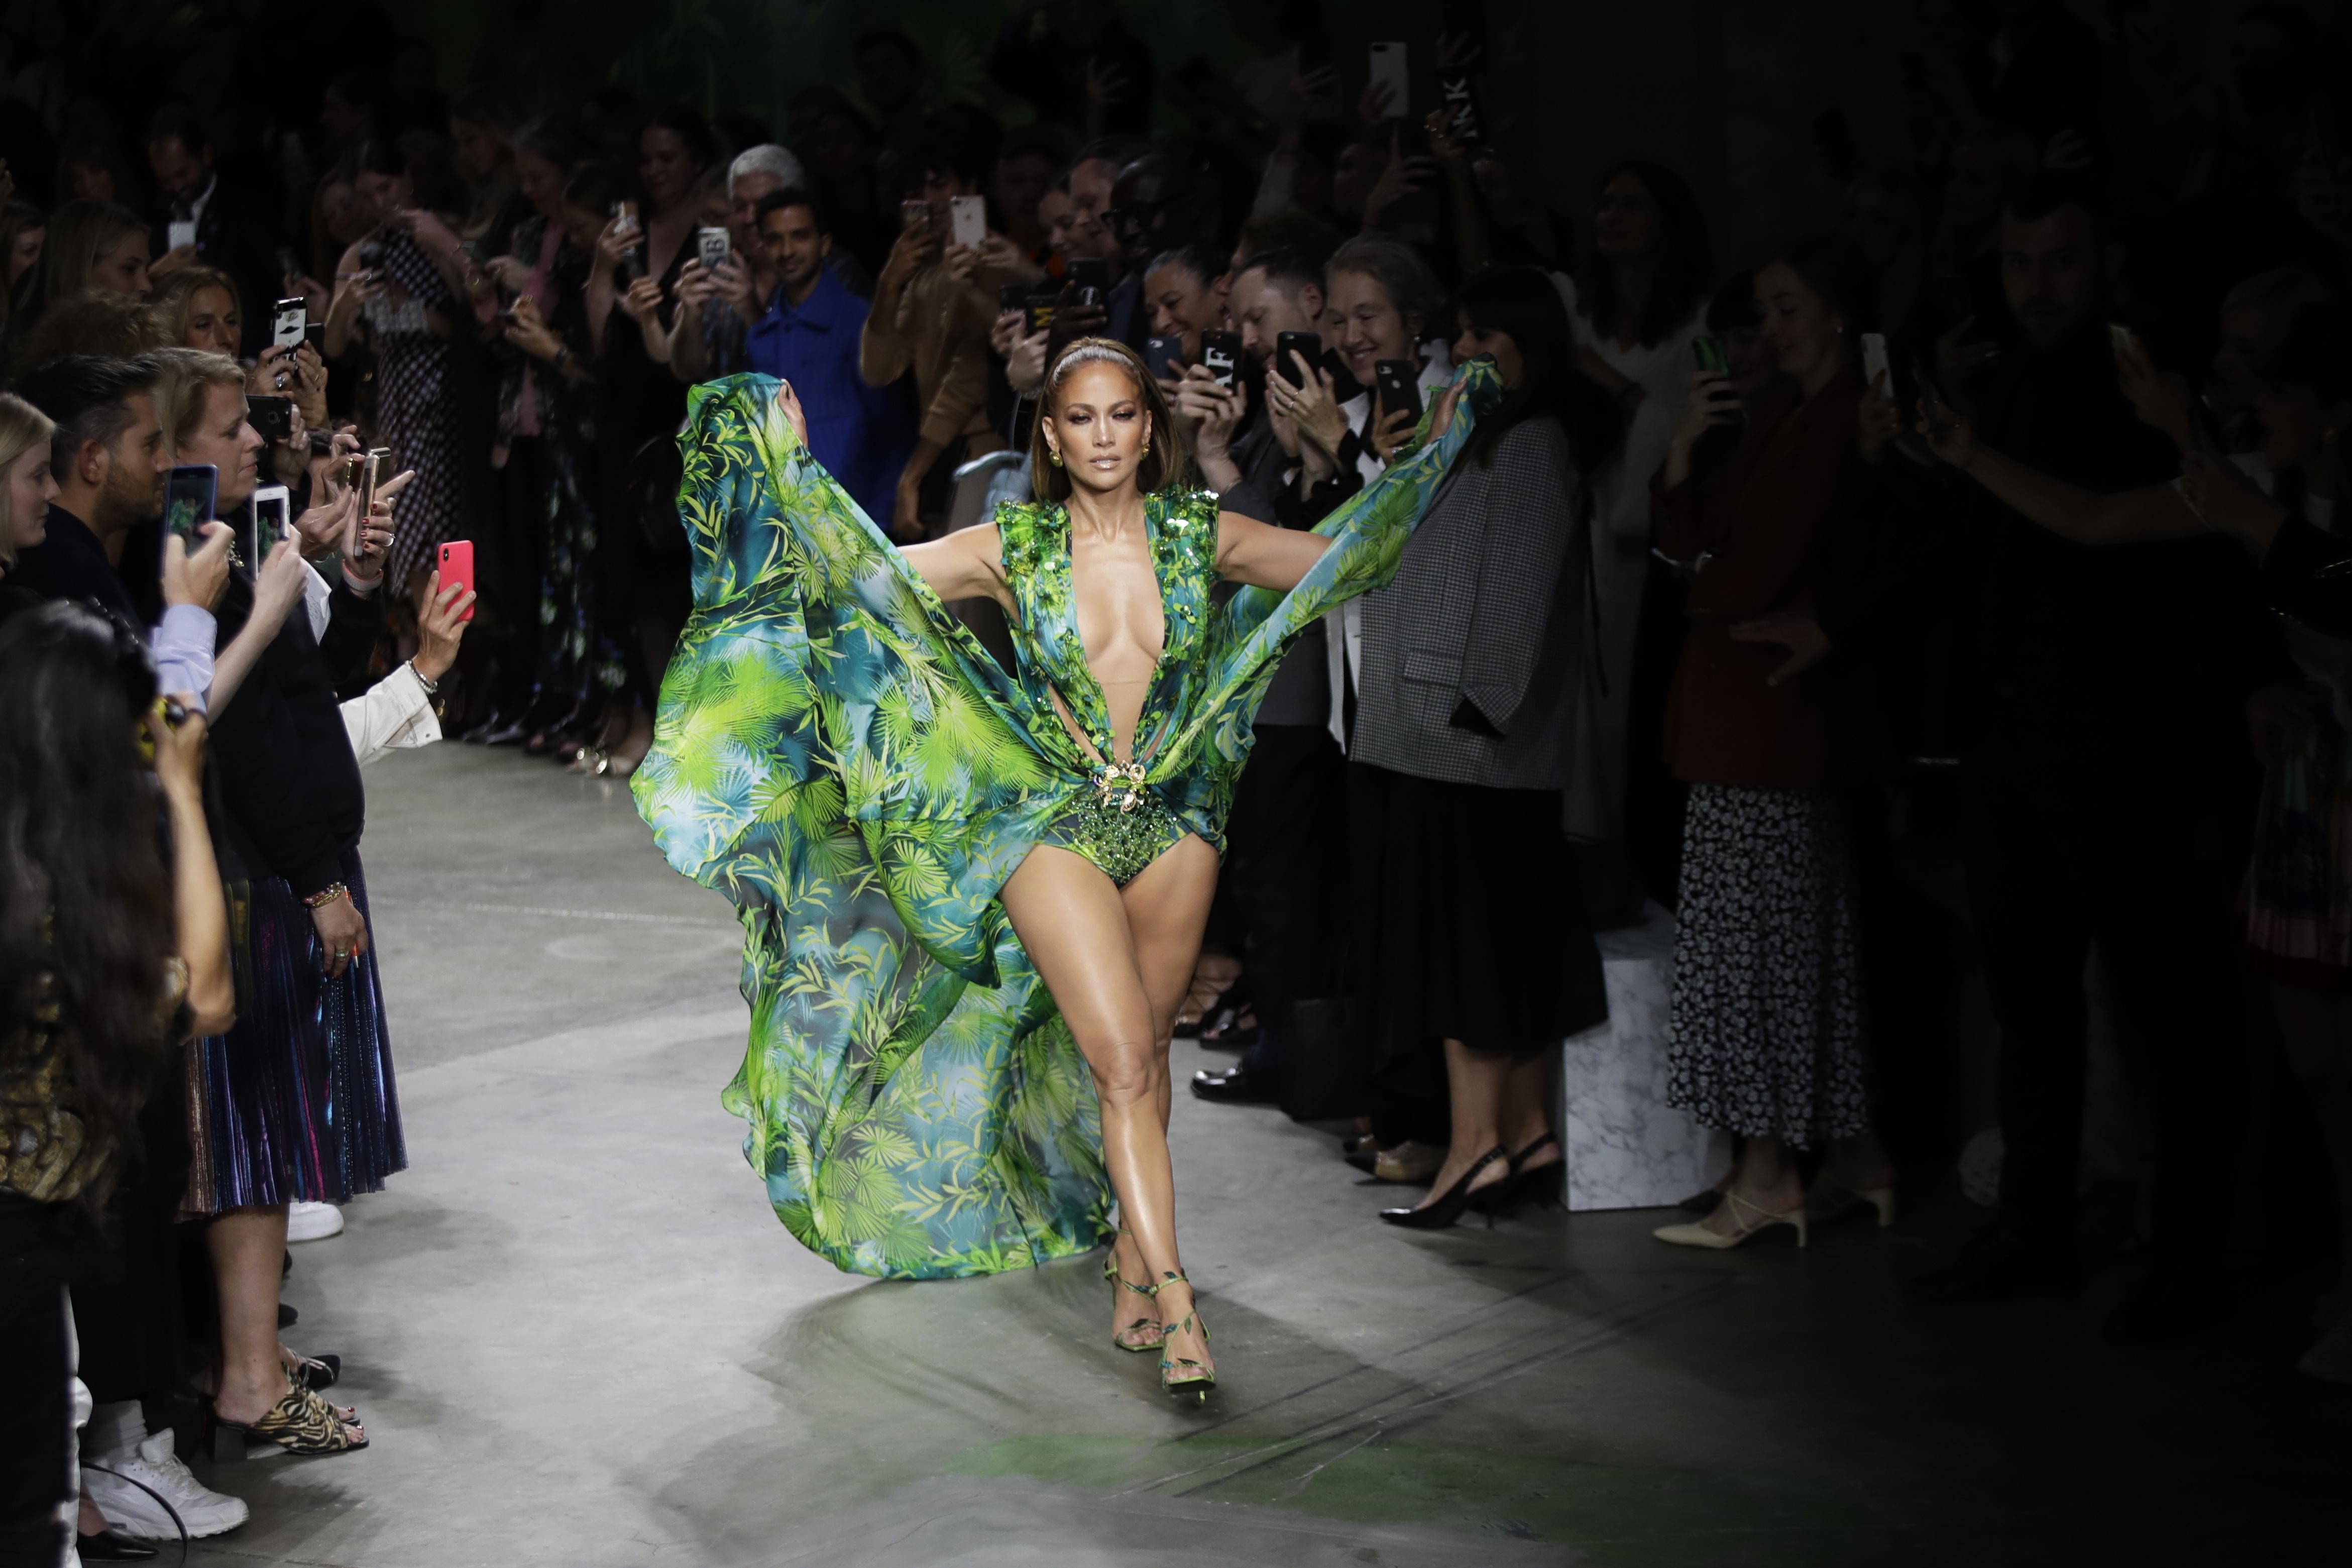 Jennifer López sorprendió al repetir el icónico vestido verde de Versace con lució en los Grammy de 2000, no sólo porque se veía igual de espectacular con una versión incluso más reveladora, sino porque nos hizo cobrar consciencia de los 20 años que transcurrieron desde esa primera ocasión en que se robó la mirada de todos. (AP)